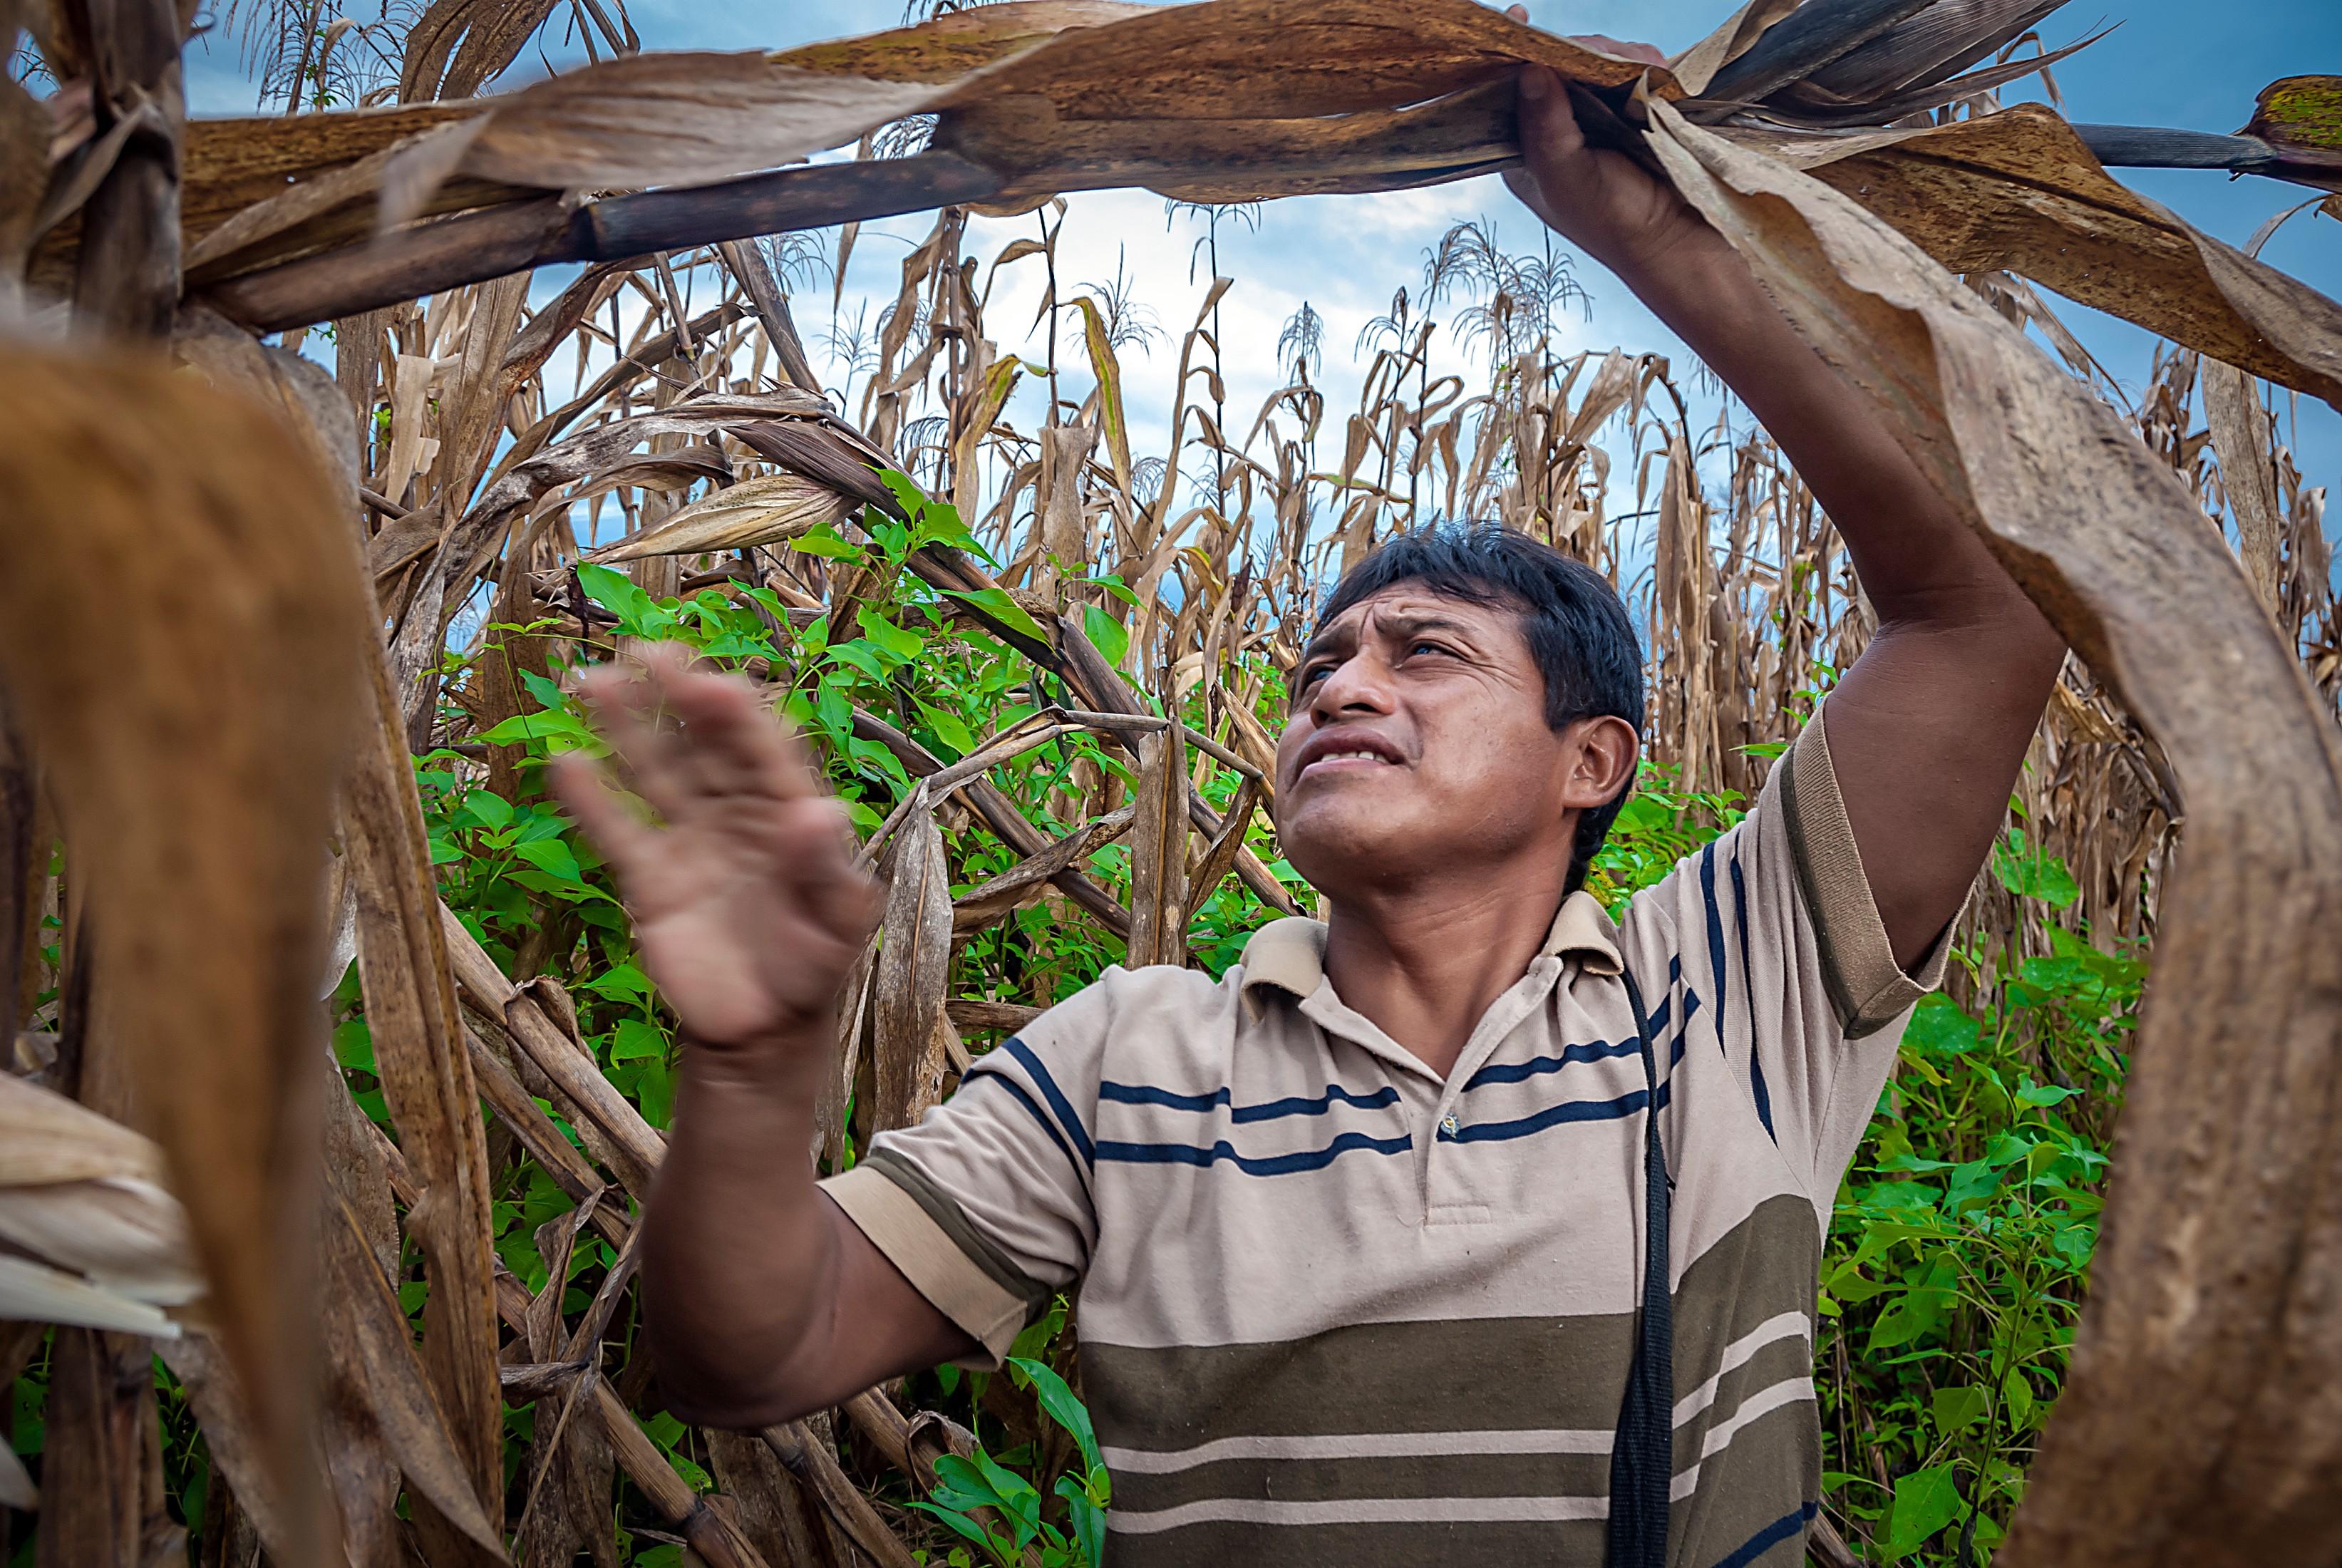 A campesino harvesting maize